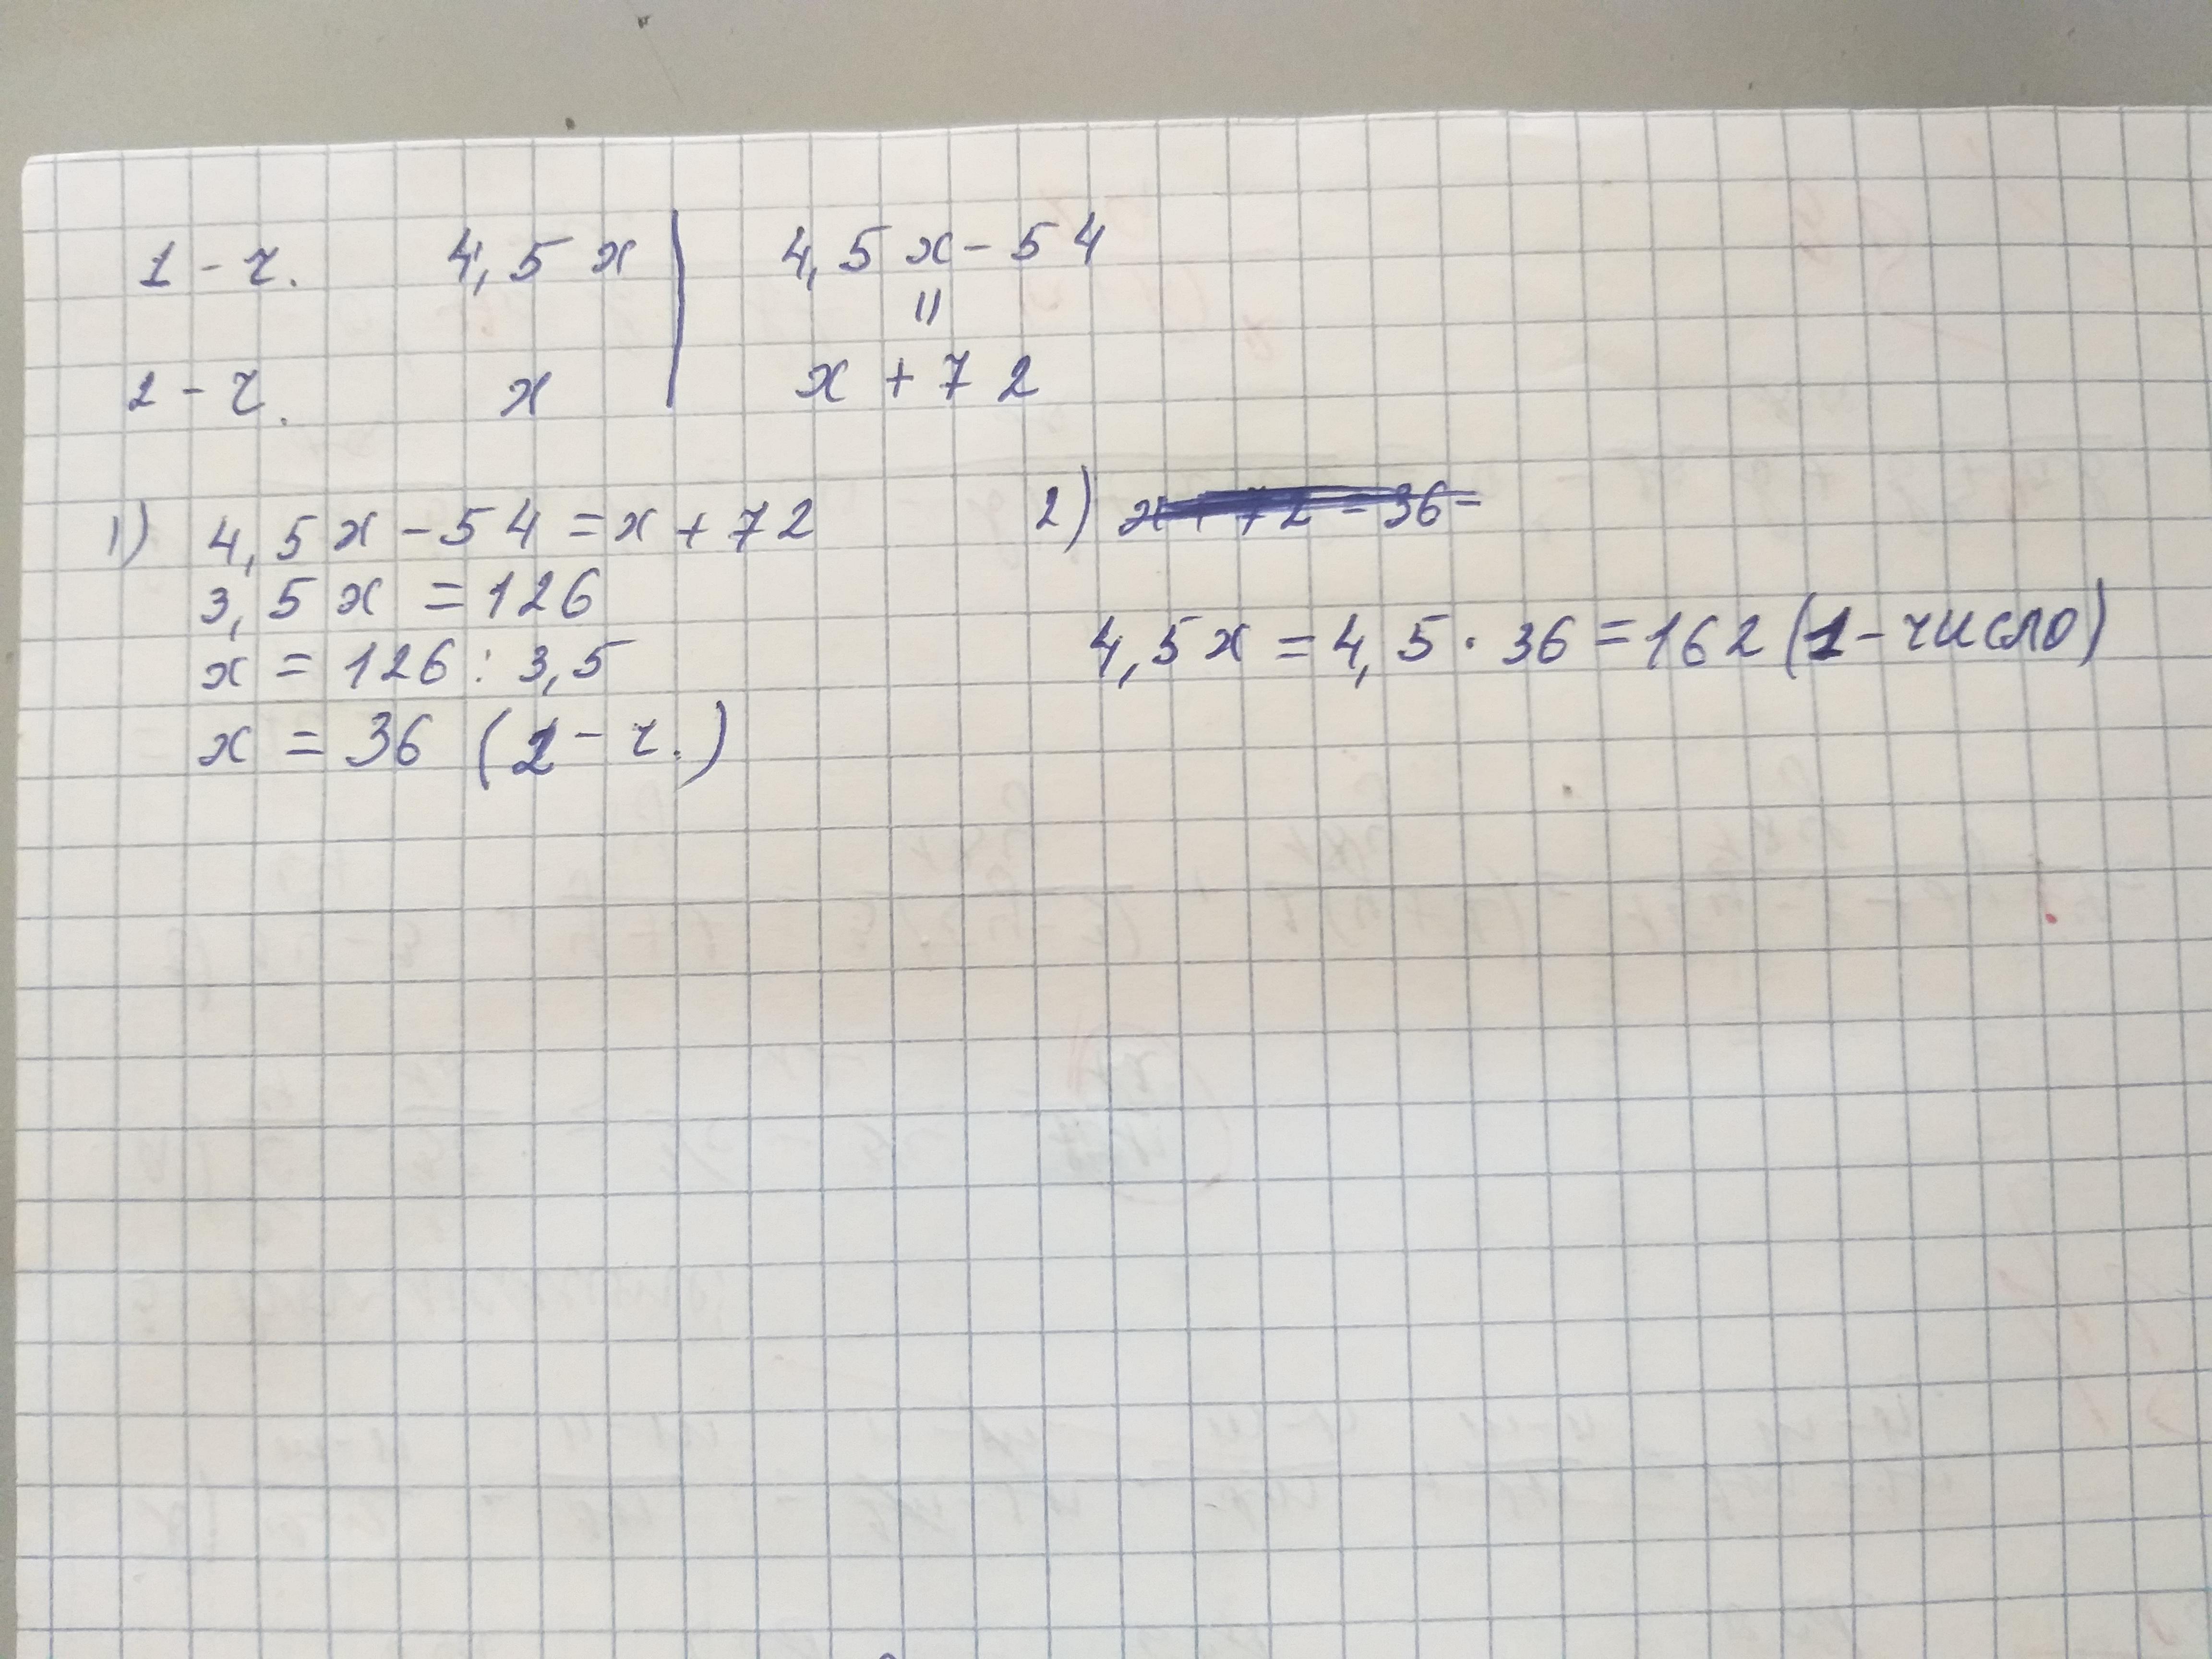 Одно число больше другого 4,5 раза если от